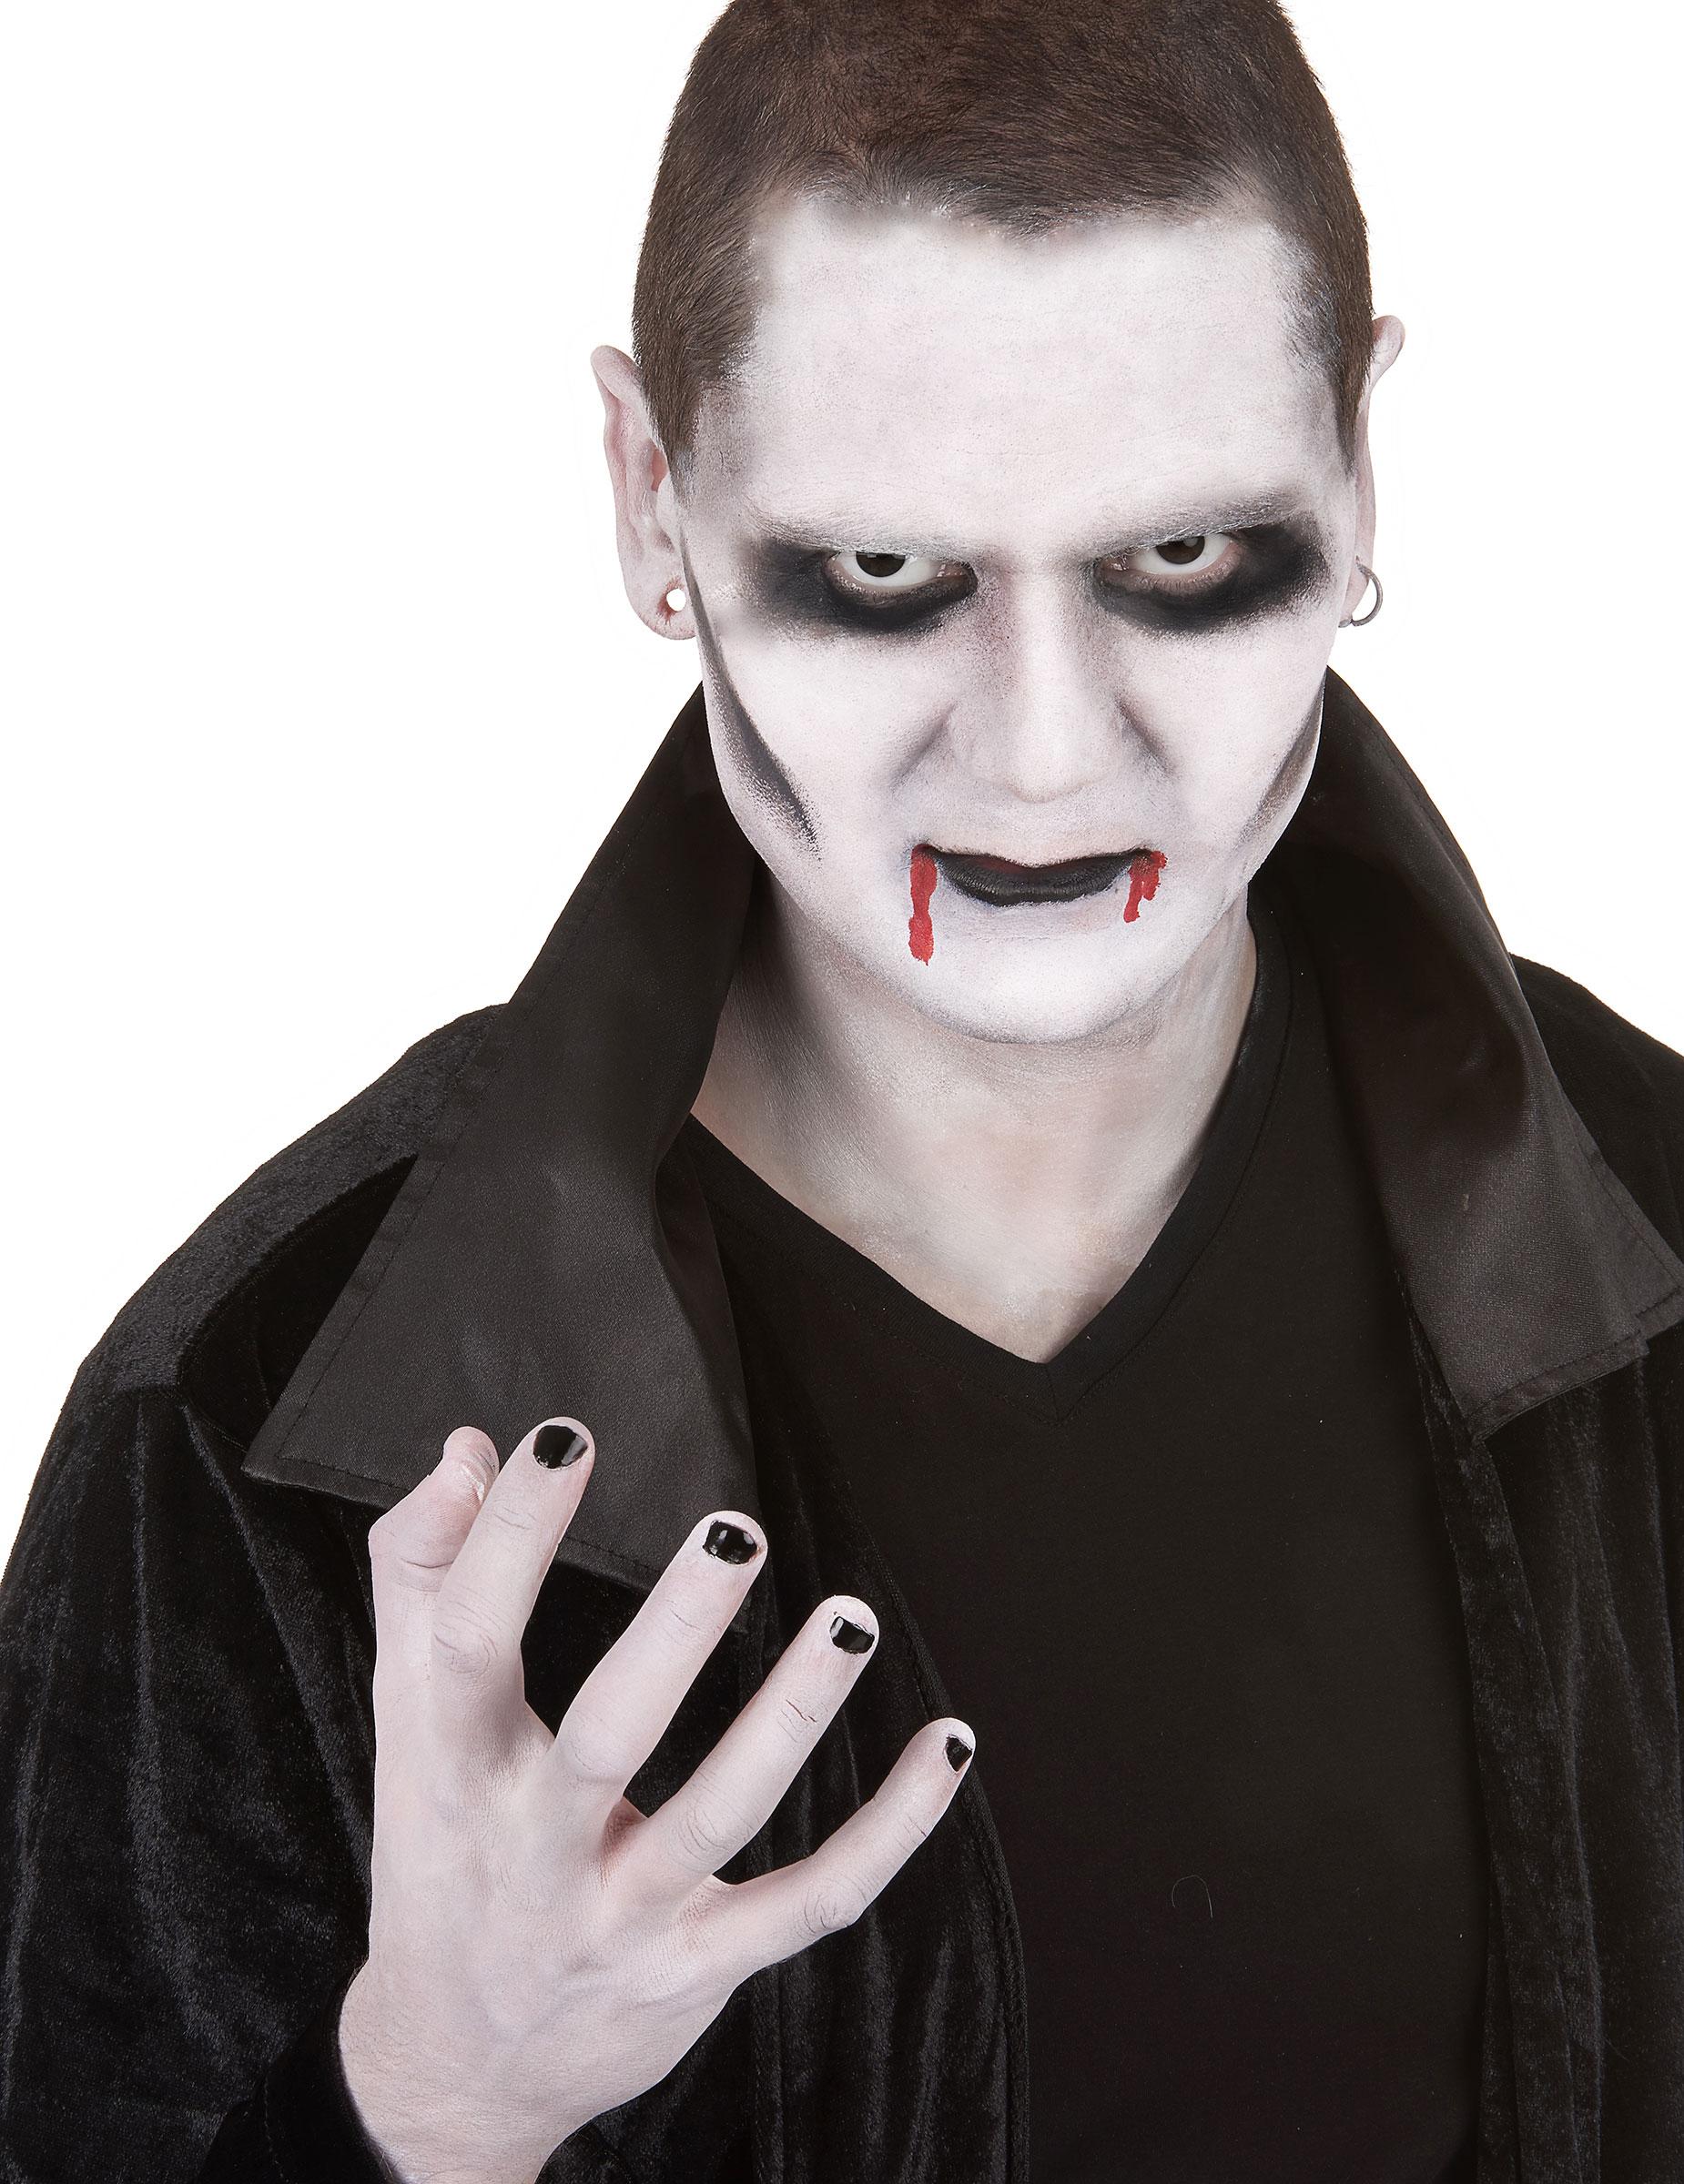 schmink set vampier met contactlenzen voor volwassenen schmink en goedkope carnavalskleding. Black Bedroom Furniture Sets. Home Design Ideas